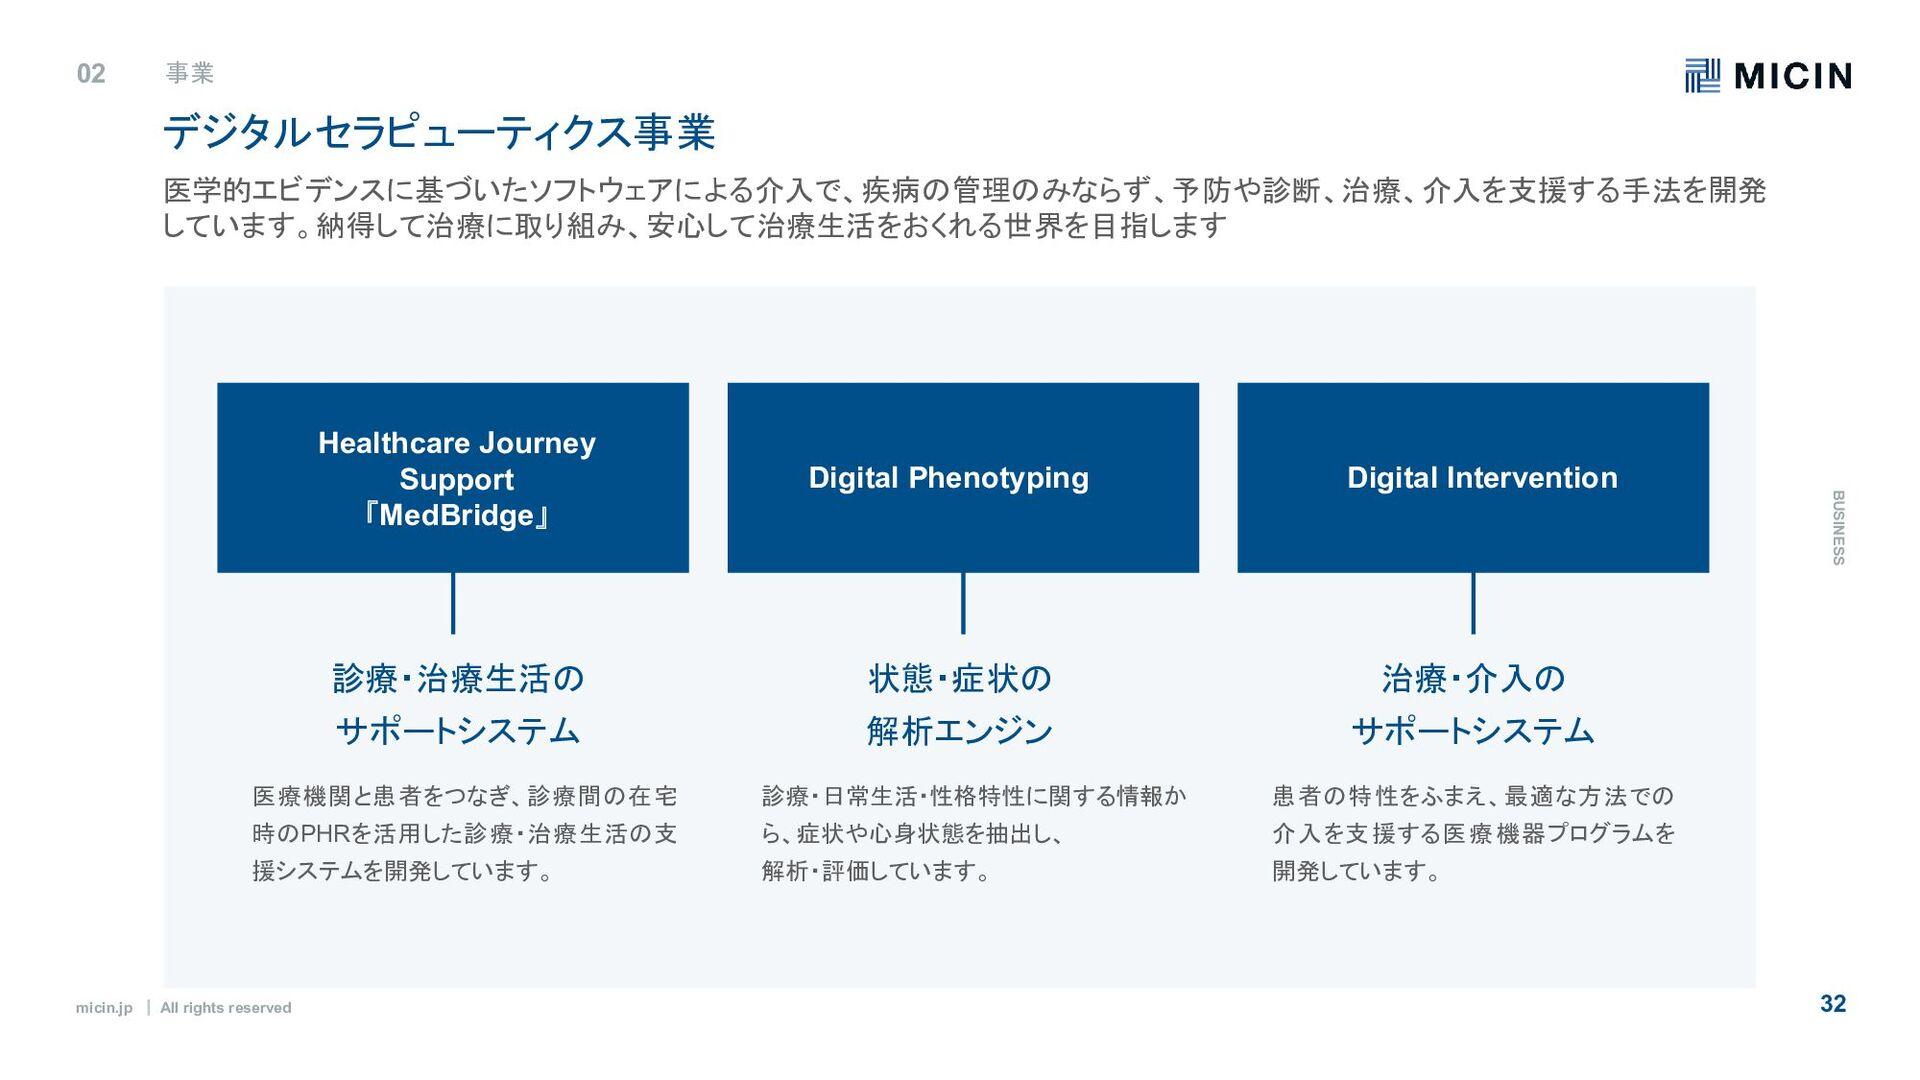 micin.jp ʛ All rights reserved 32 02 事業 B U S I...